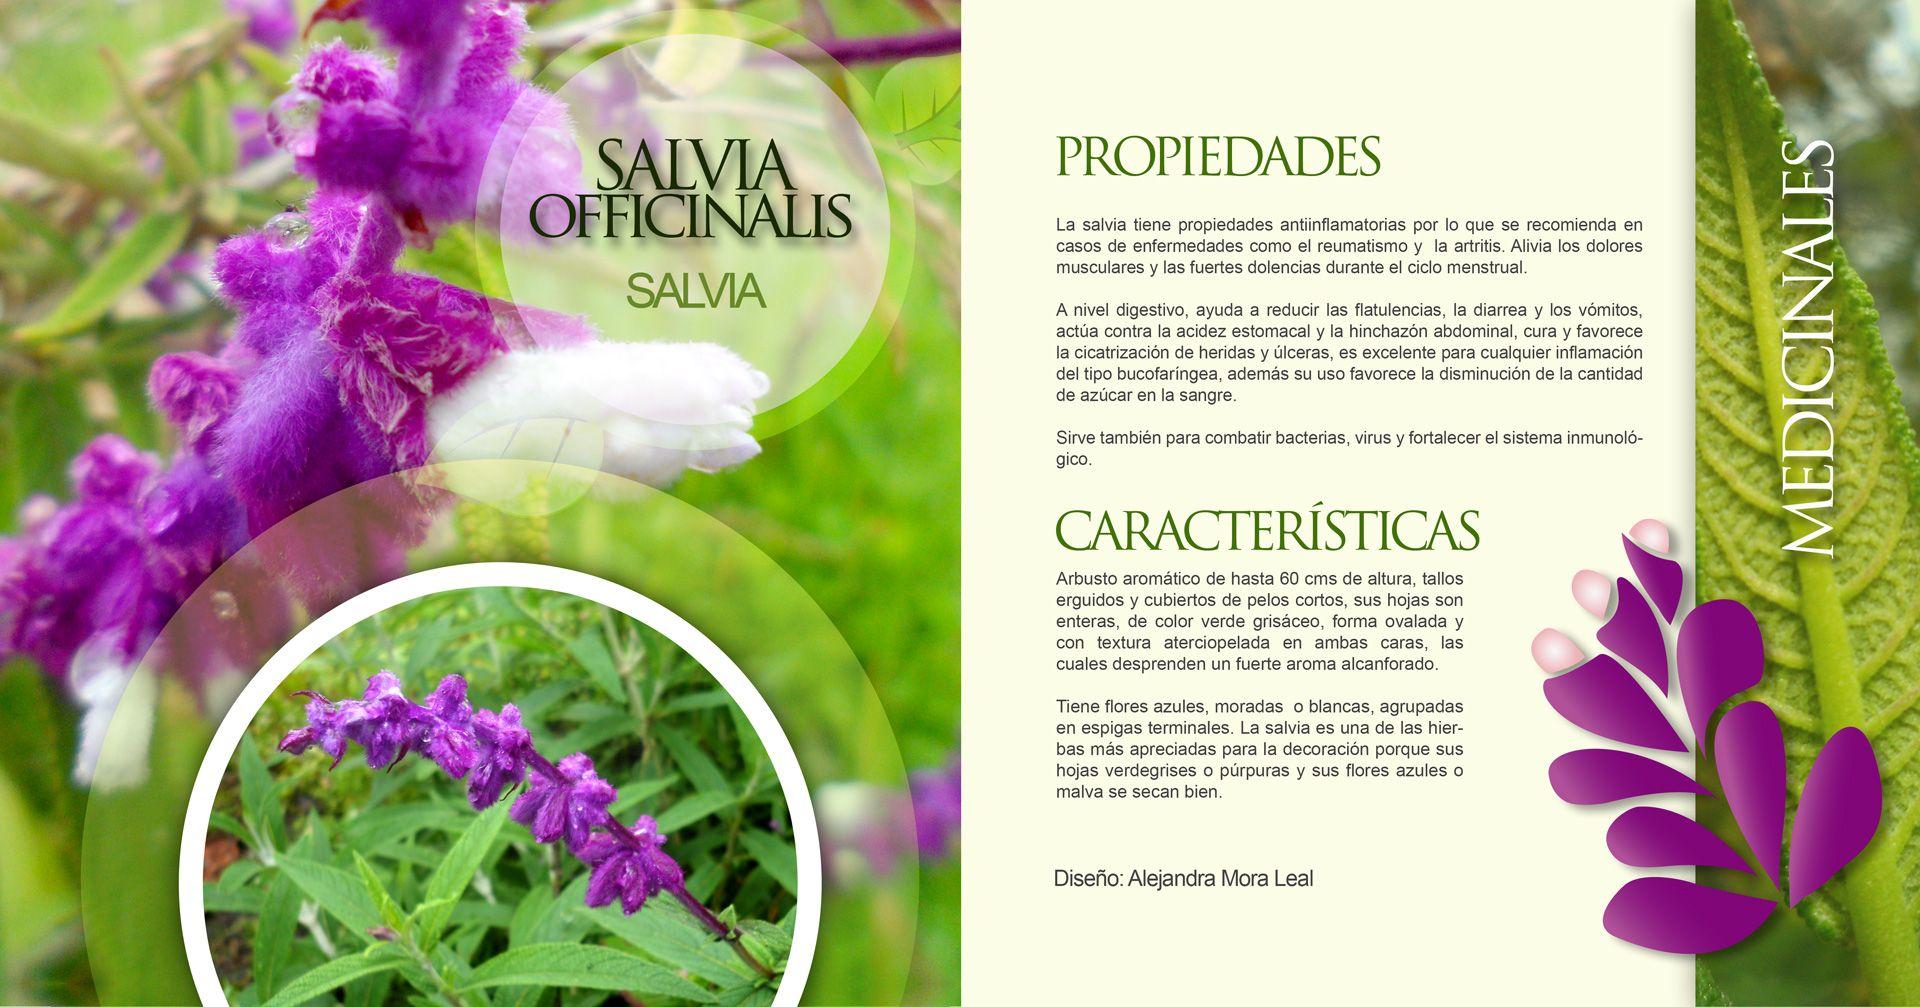 Proyecto Atlas 2014 2 Diseño Alejandra Mora Disenos De Unas Salvia Propiedades Aromas